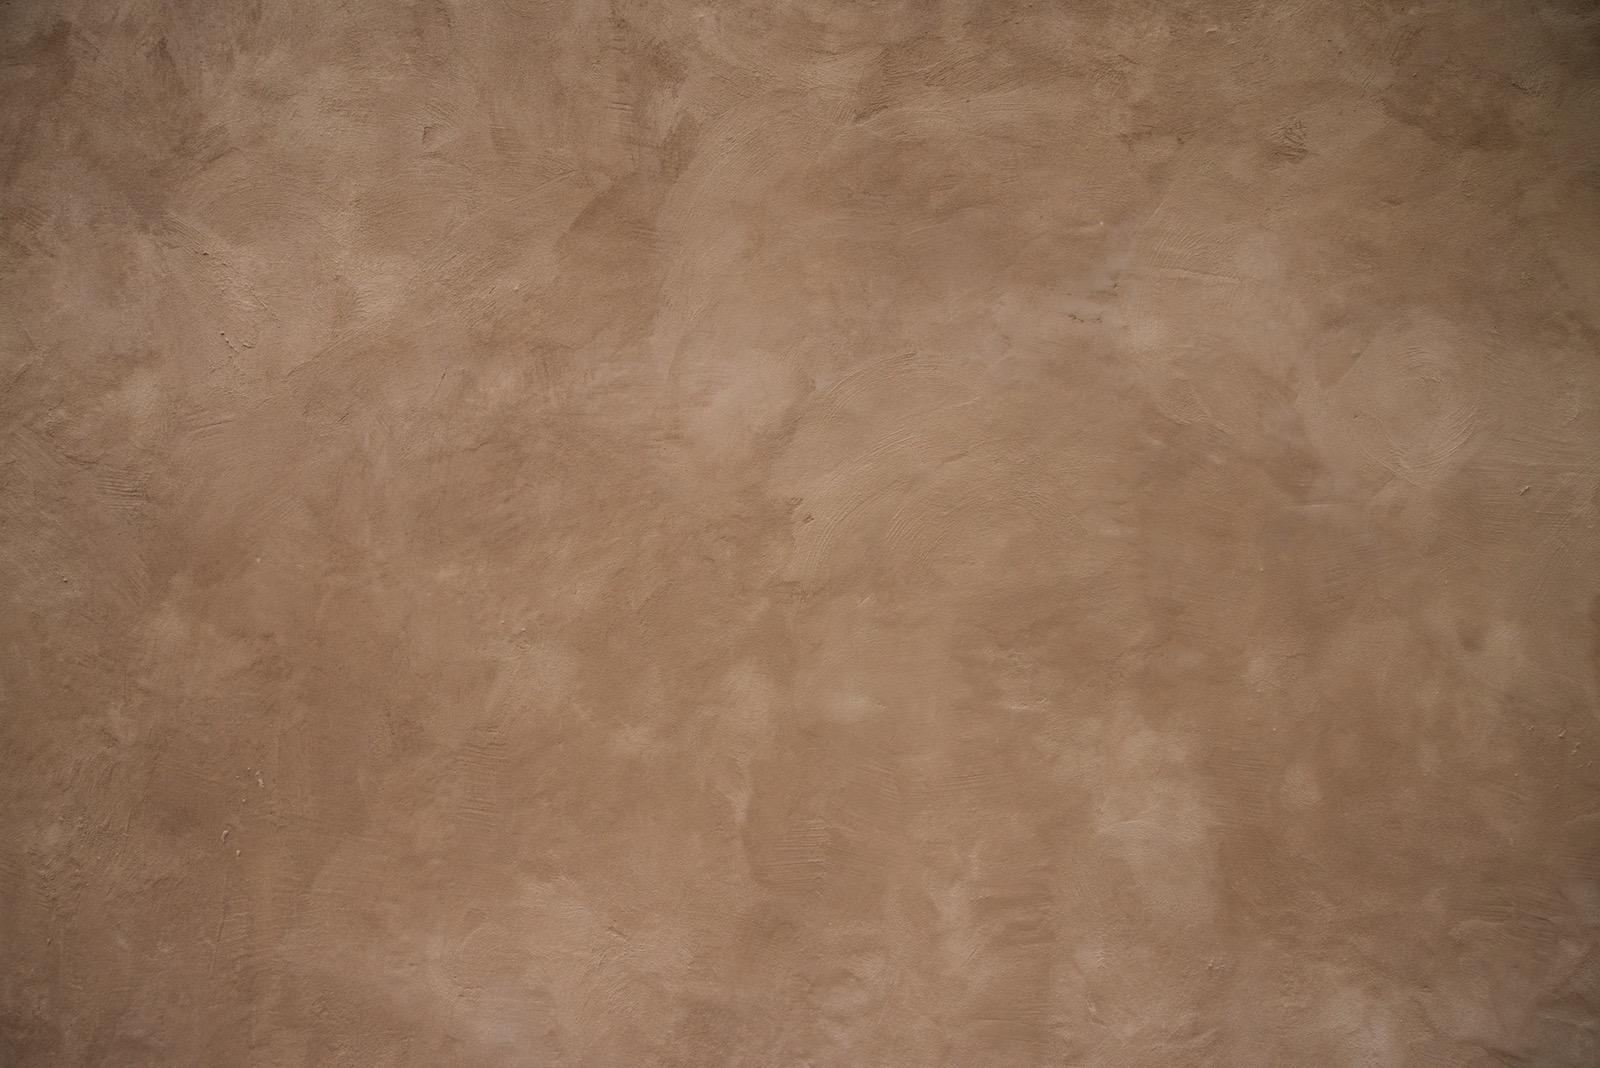 2014-0085-0030. Stucco wall, Santa Fe, New Mexico.